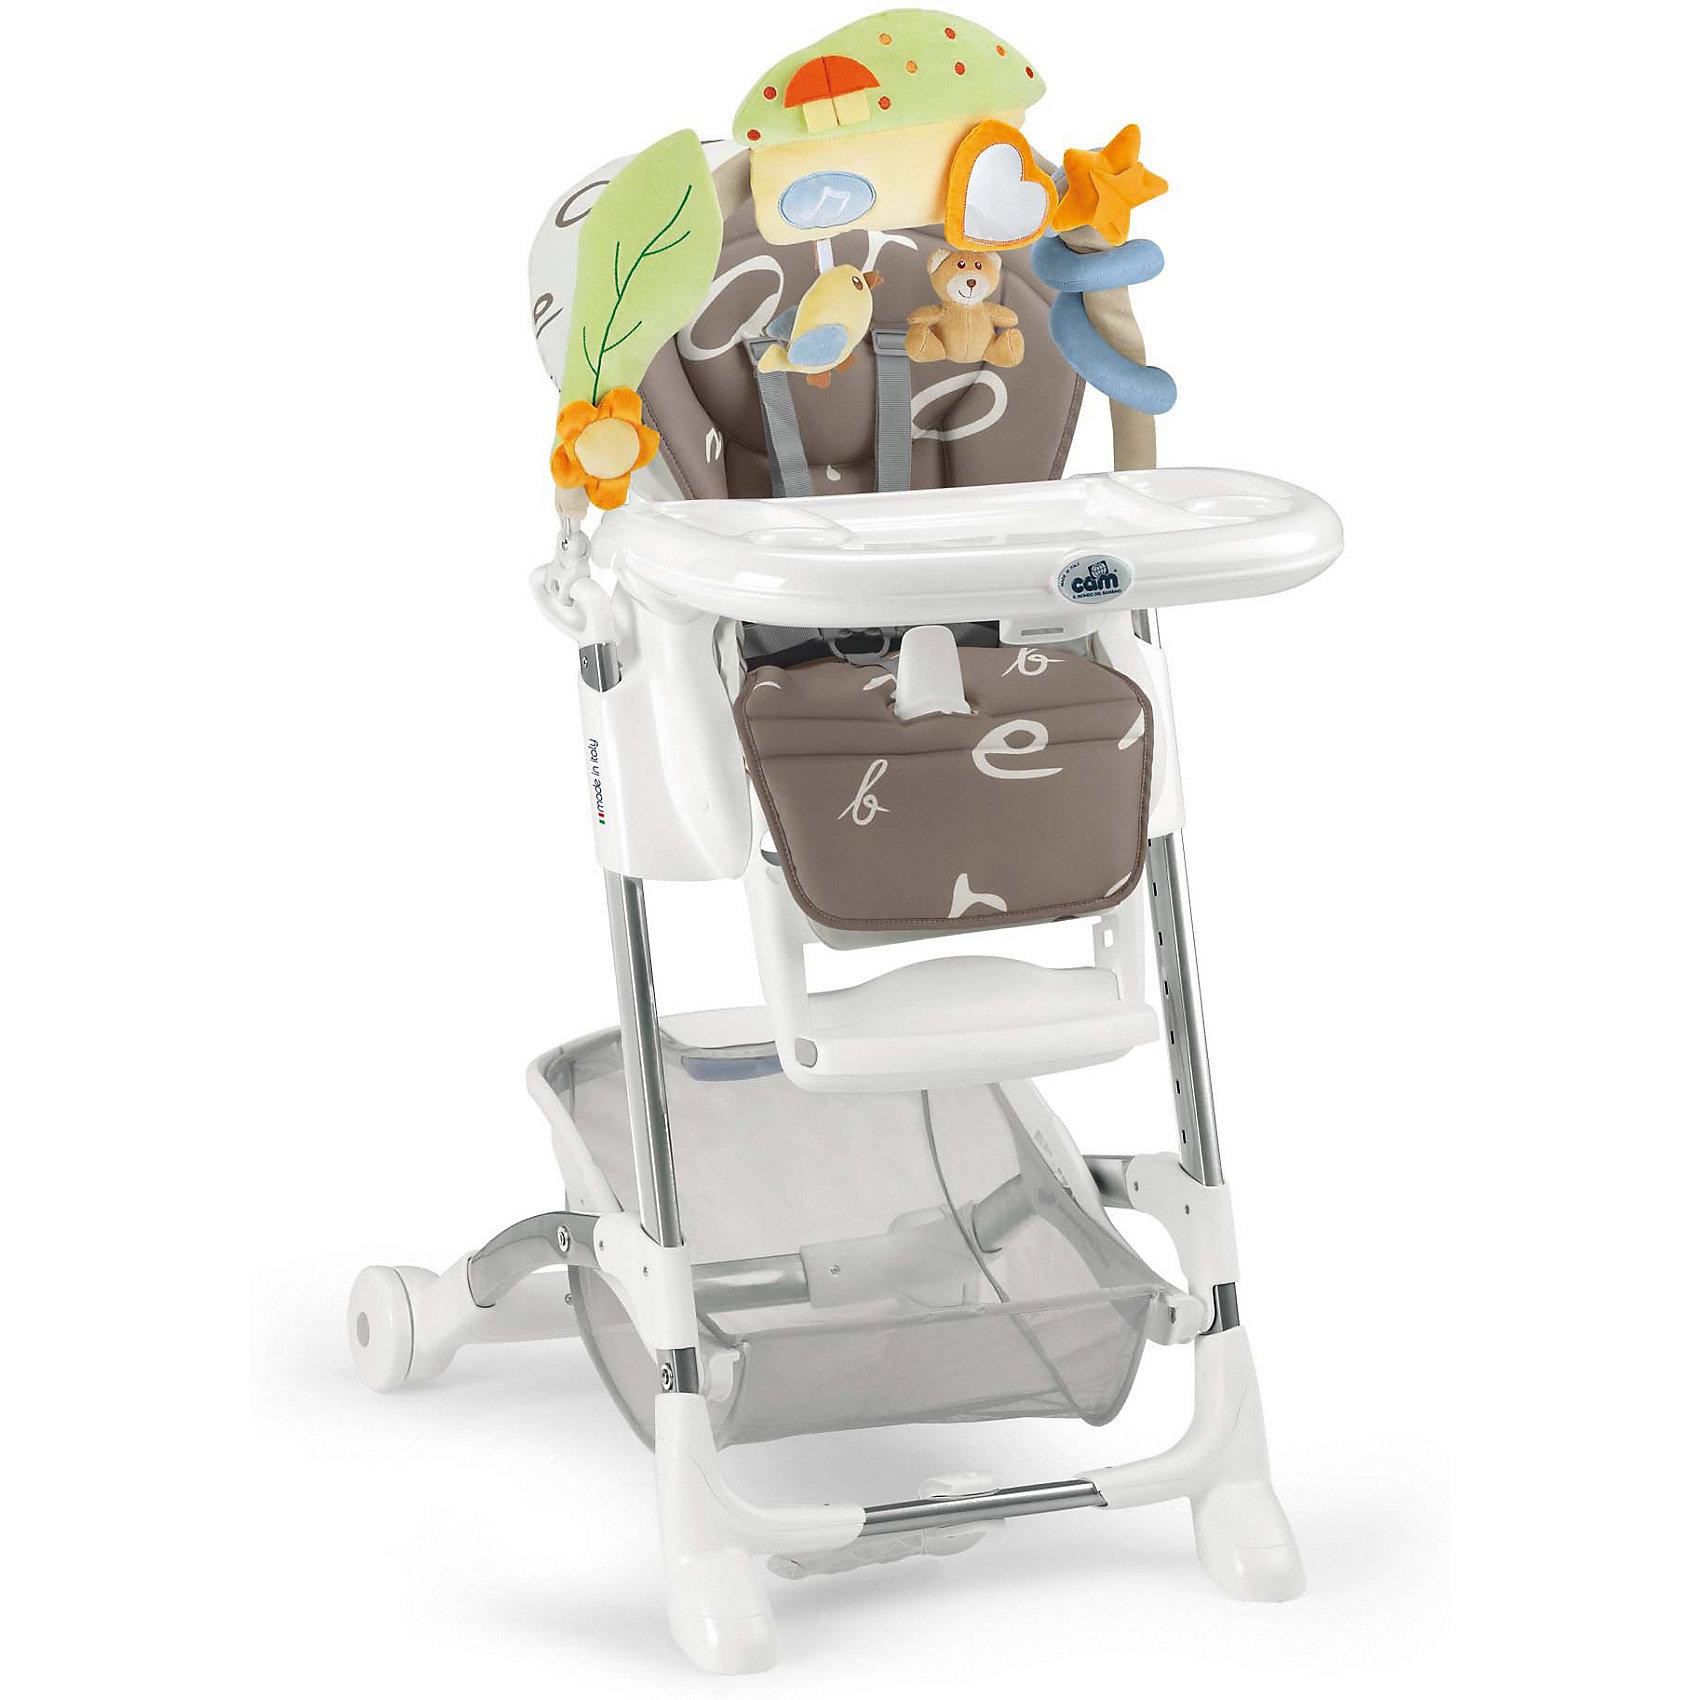 Стульчик для кормления Istante Буквы, CAM, кремовыйСтульчики для кормления<br>Очень удобный и комфортный стульчик для кормления обязательно понравится малышам! Мягкое сиденье с регулируемой в пяти положениях спинкой, страховочными ремнями и удобным разделителем для ног обеспечит малышам комфорт и безопасность. Стульчик имеет колесики, облегчающие перемещение по квартире; удобную подставку для ножек ребенка; съемный стол можно мыть в посудомоечной машине. Стул выполнен в приятной цветовой гамме, изготовлен из высококачественных прочных и экологичных материалов. Передняя часть рамы снабжена нескользящими ножками, которые обеспечивают дополнительную безопасность. Под сиденьем располагается большая корзина для игрушек и вещей. <br><br>Дополнительная информация:<br><br>- Материал: пластик, металл, <br>- Размер: 80x65x105 см.<br>- Колесики.<br>- Вместительная корзина внизу. <br>- Нескользящие ножки.<br>- Регулируемый наклон спинки (5 положений, до положения лежа).<br>- Компактно складывается.<br>- Съемный стол (можно мыть в посудомоечной машине).<br>- Регулировка по высоте в 5 положениях. <br>- Регулируемая подножка.<br>- 5-ти точечные ремни безопасности.<br>- Чехол снимается и легко моется.<br><br>Стульчик для кормления Istante от CAM, голубой, можно купить в нашем магазине.<br><br>Ширина мм: 587<br>Глубина мм: 272<br>Высота мм: 970<br>Вес г: 12500<br>Возраст от месяцев: 0<br>Возраст до месяцев: 36<br>Пол: Унисекс<br>Возраст: Детский<br>SKU: 5545246